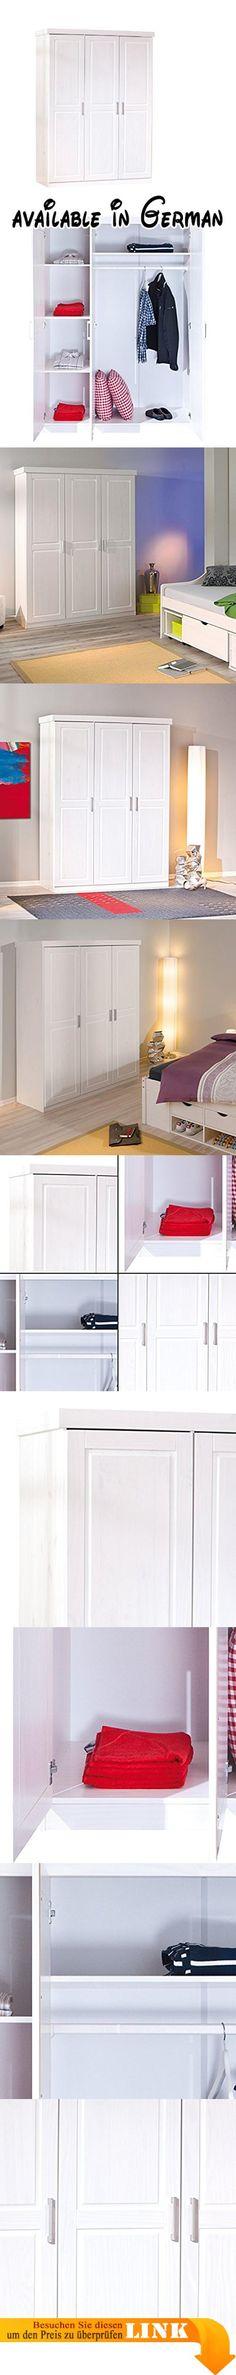 B00DMW0L6Q  3trg massiv Kiefer Mexico Kleiderschrank \ - schlafzimmerschrank weiß hochglanz